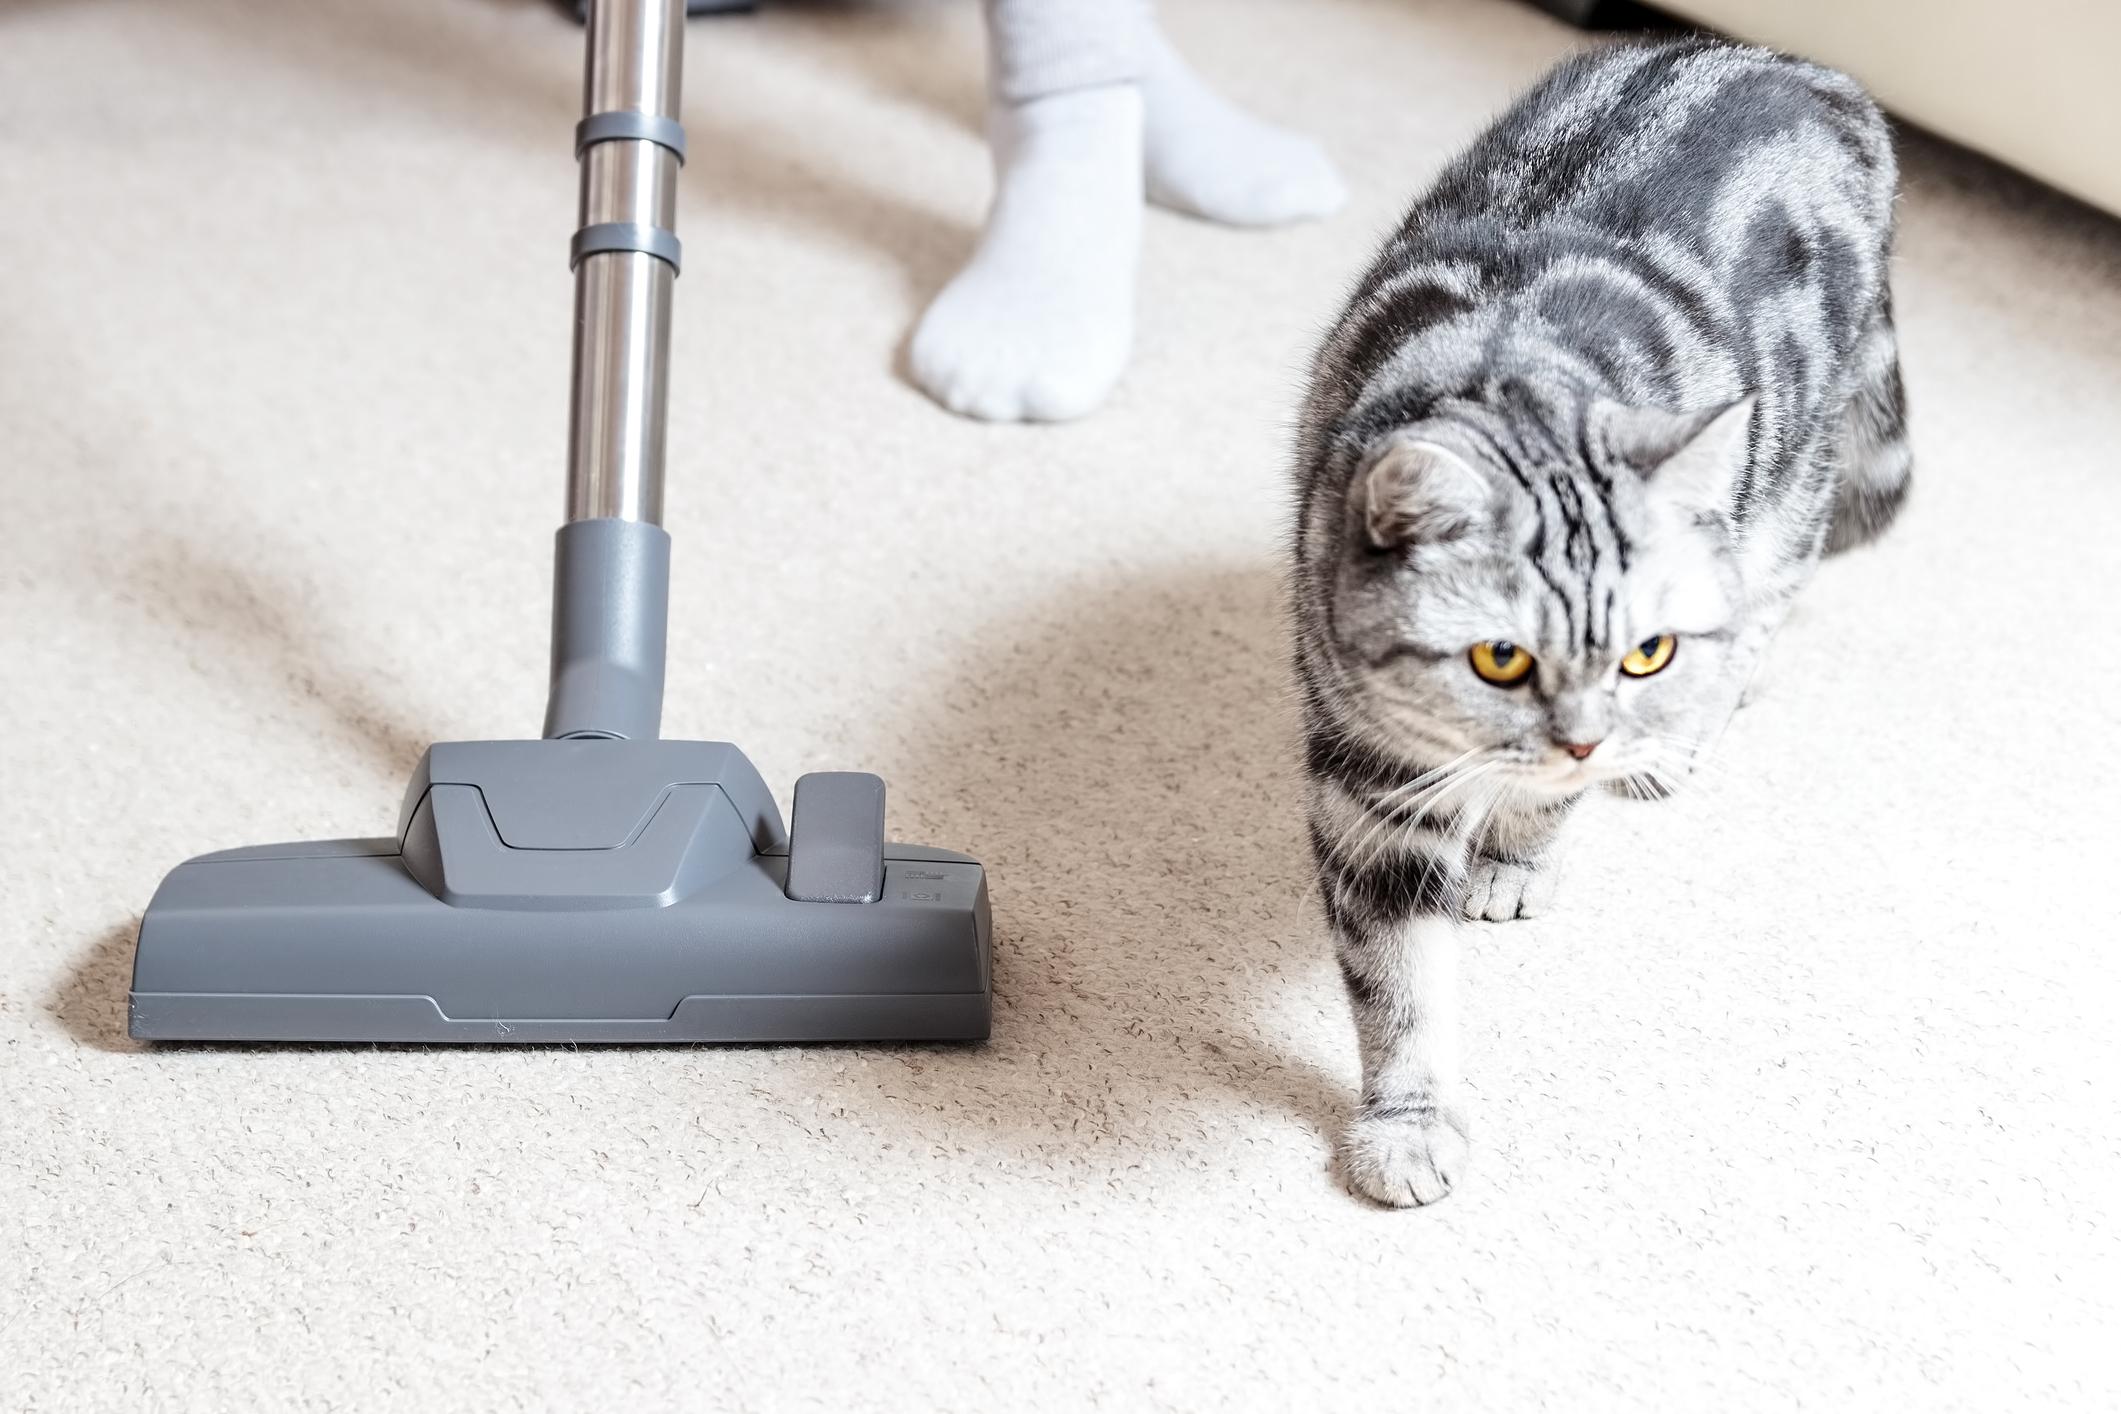 Best Vacuum For Pet Hair 2020 10 Top